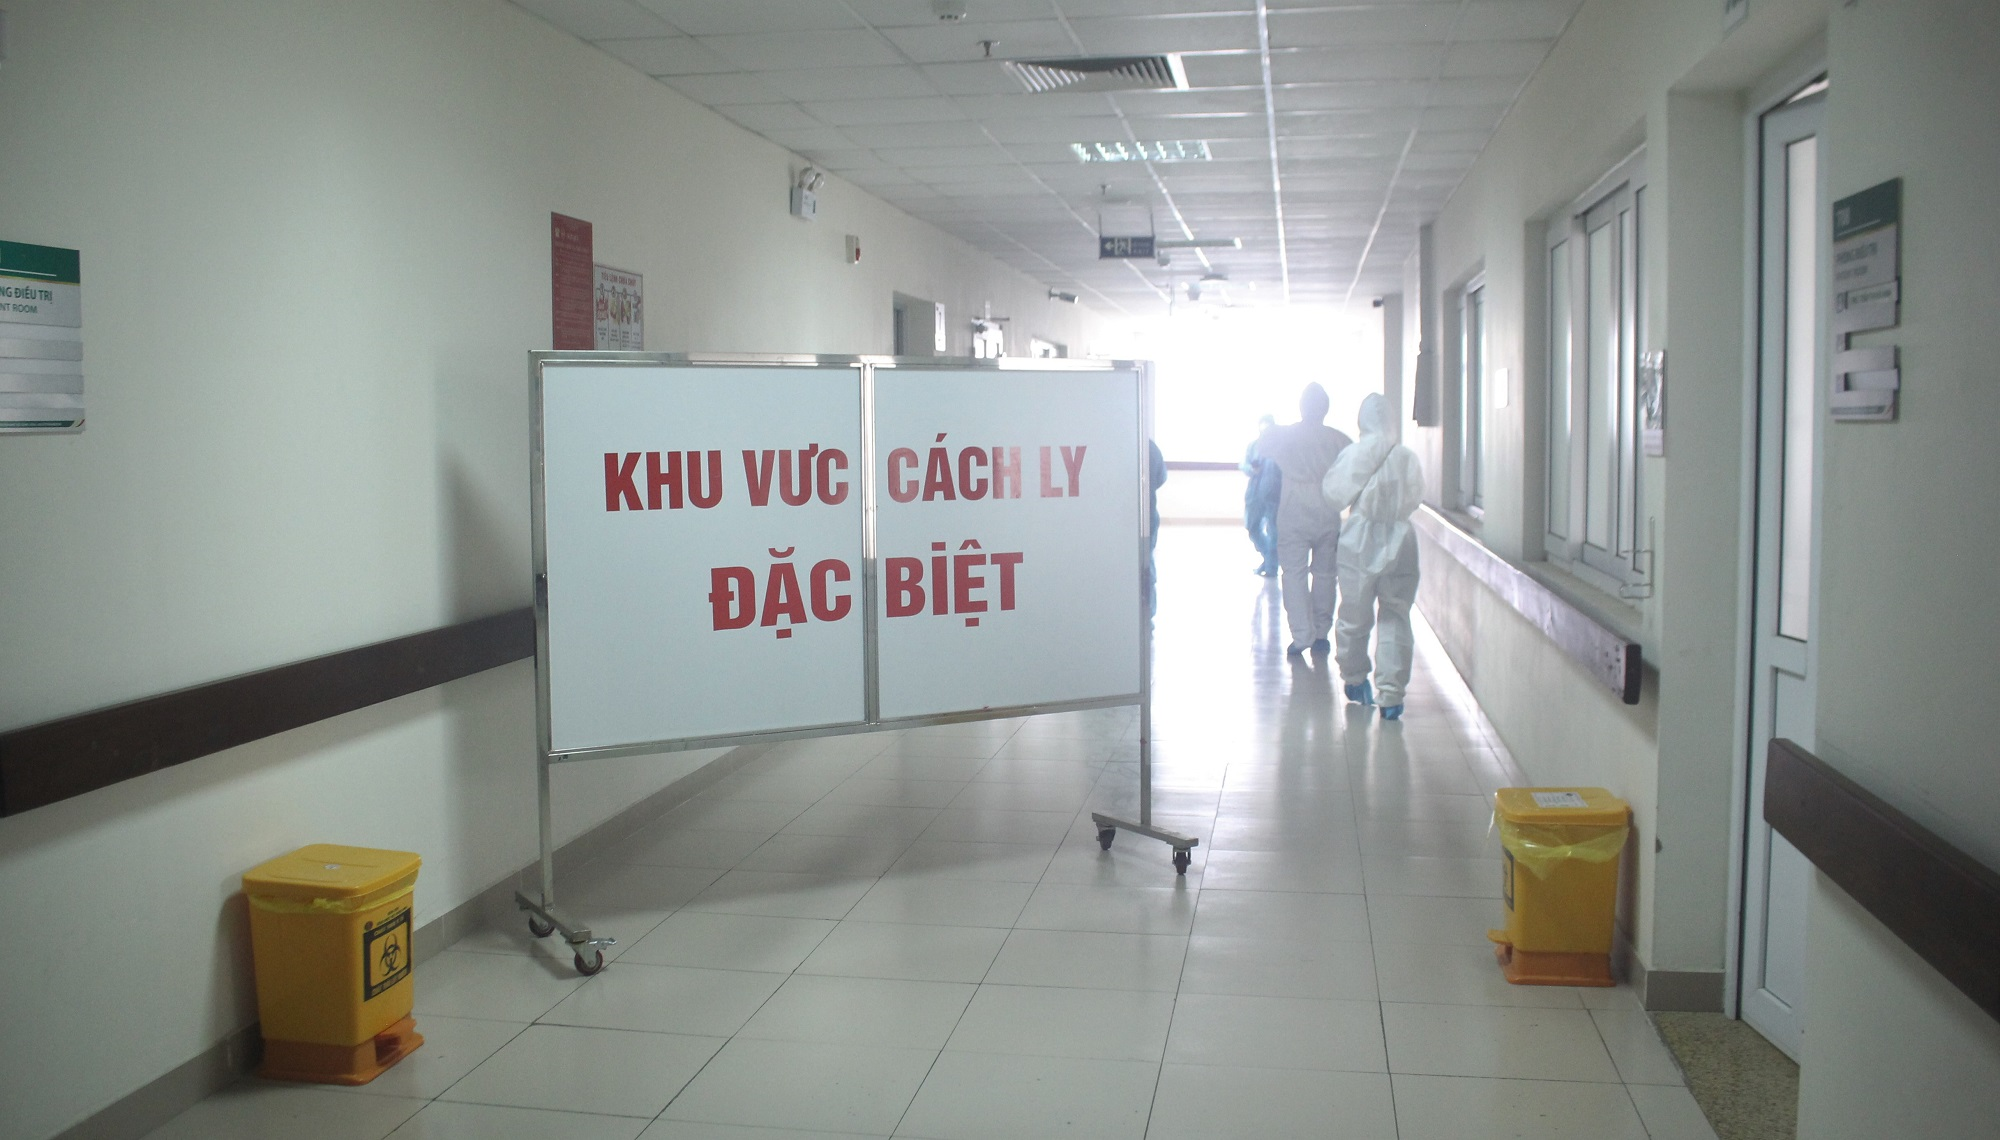 Ảnh: Bên trong nơi điều trị bệnh nhân COVID-19 ở Hà Nội - 2